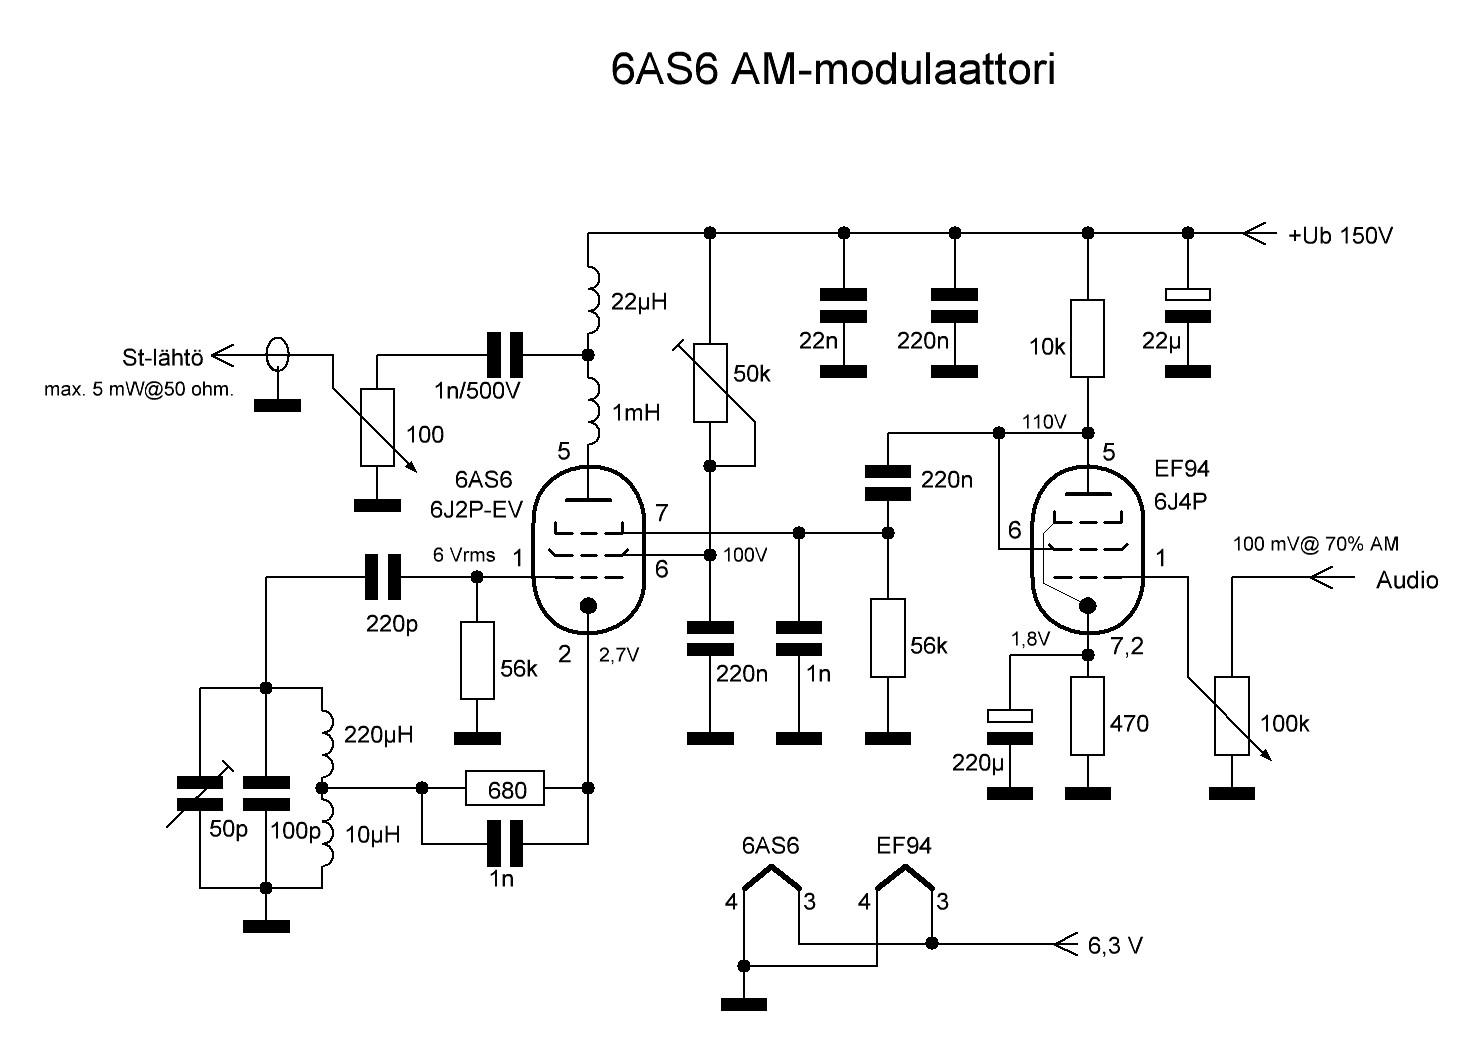 6AS6_6J2P-EV_AM-modulaattori.JPG